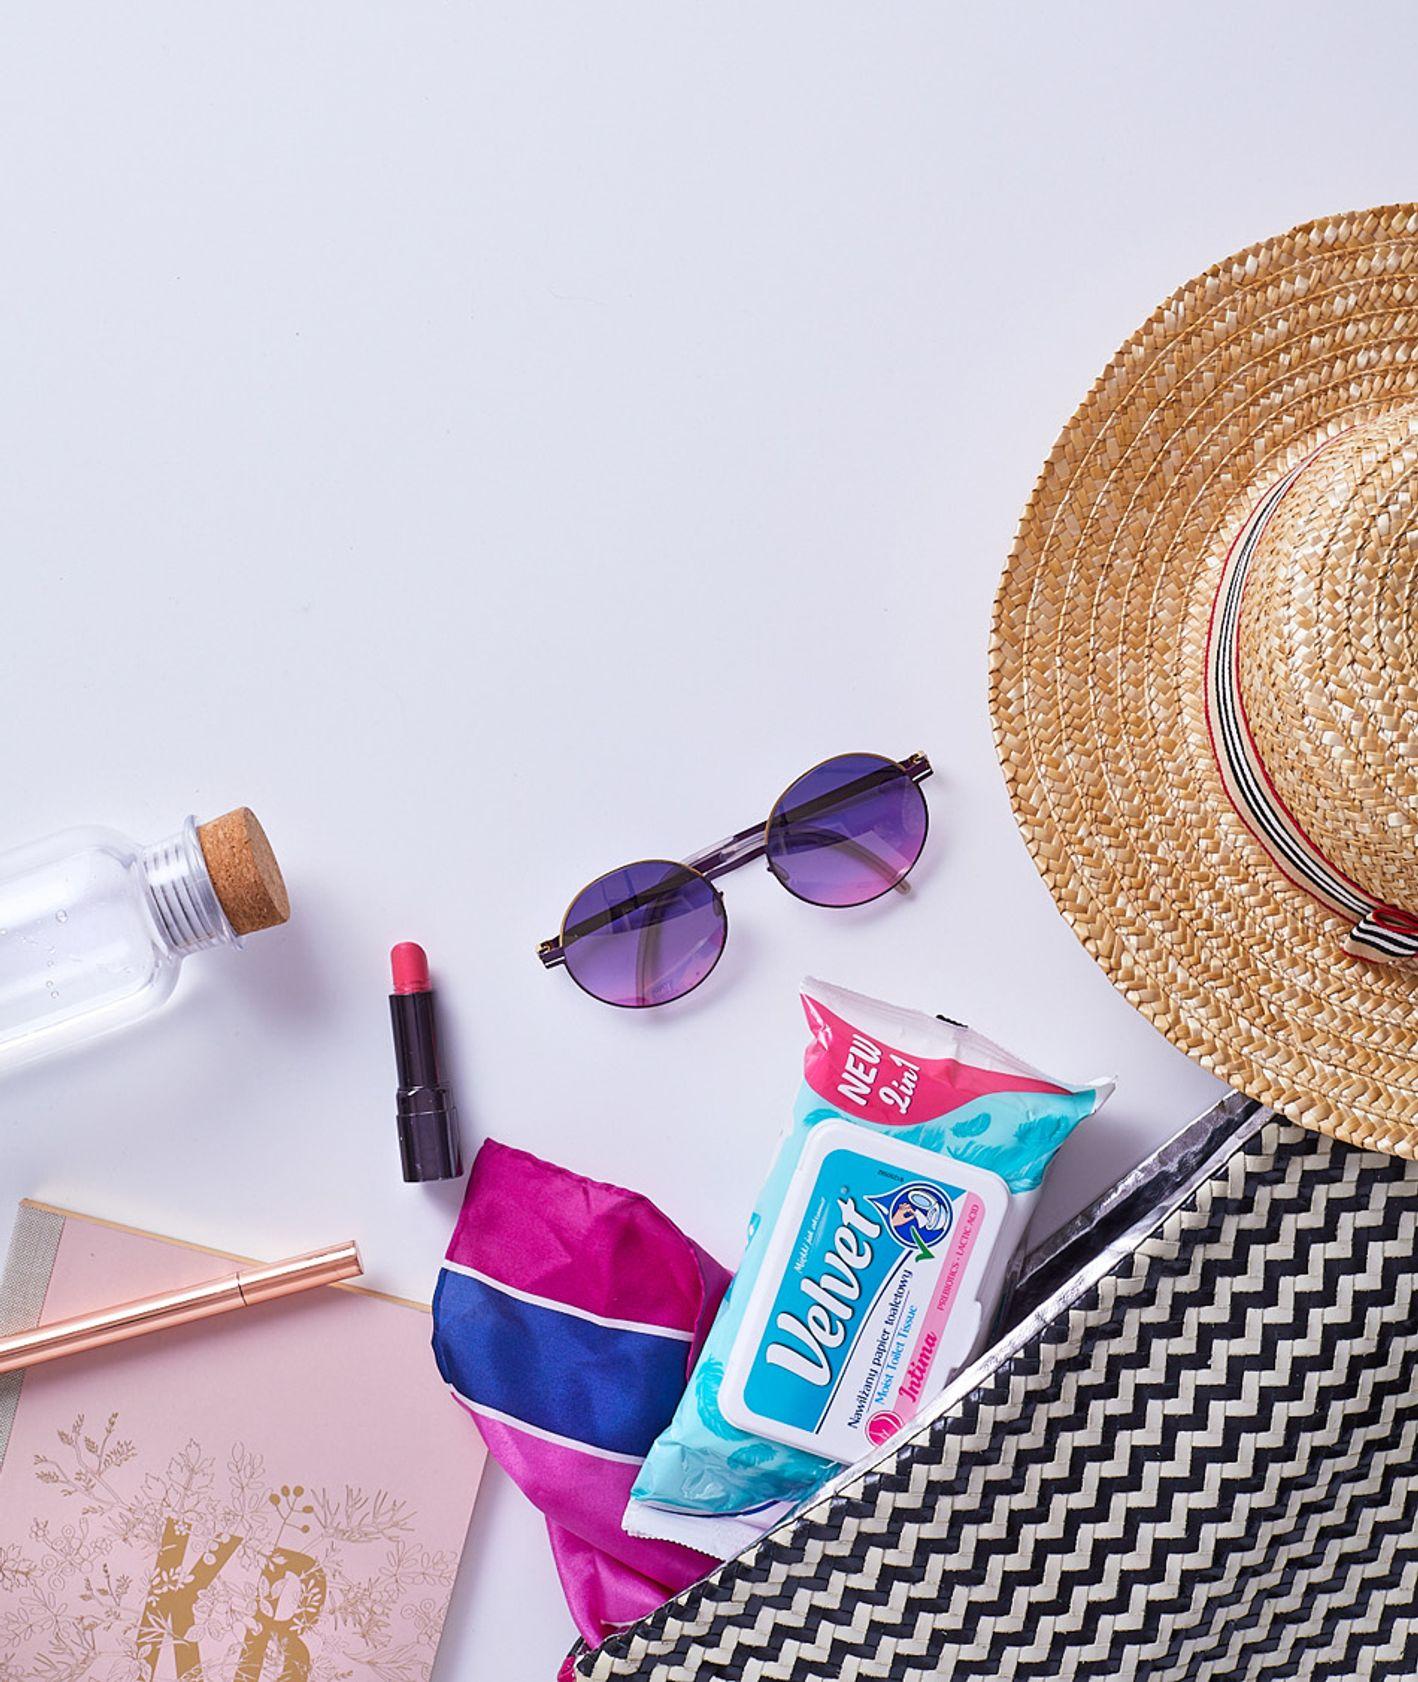 Torba z okularami przeciwsłonecznymi, kapelusz i chusteczki (fot. Maciek Niemojewski)